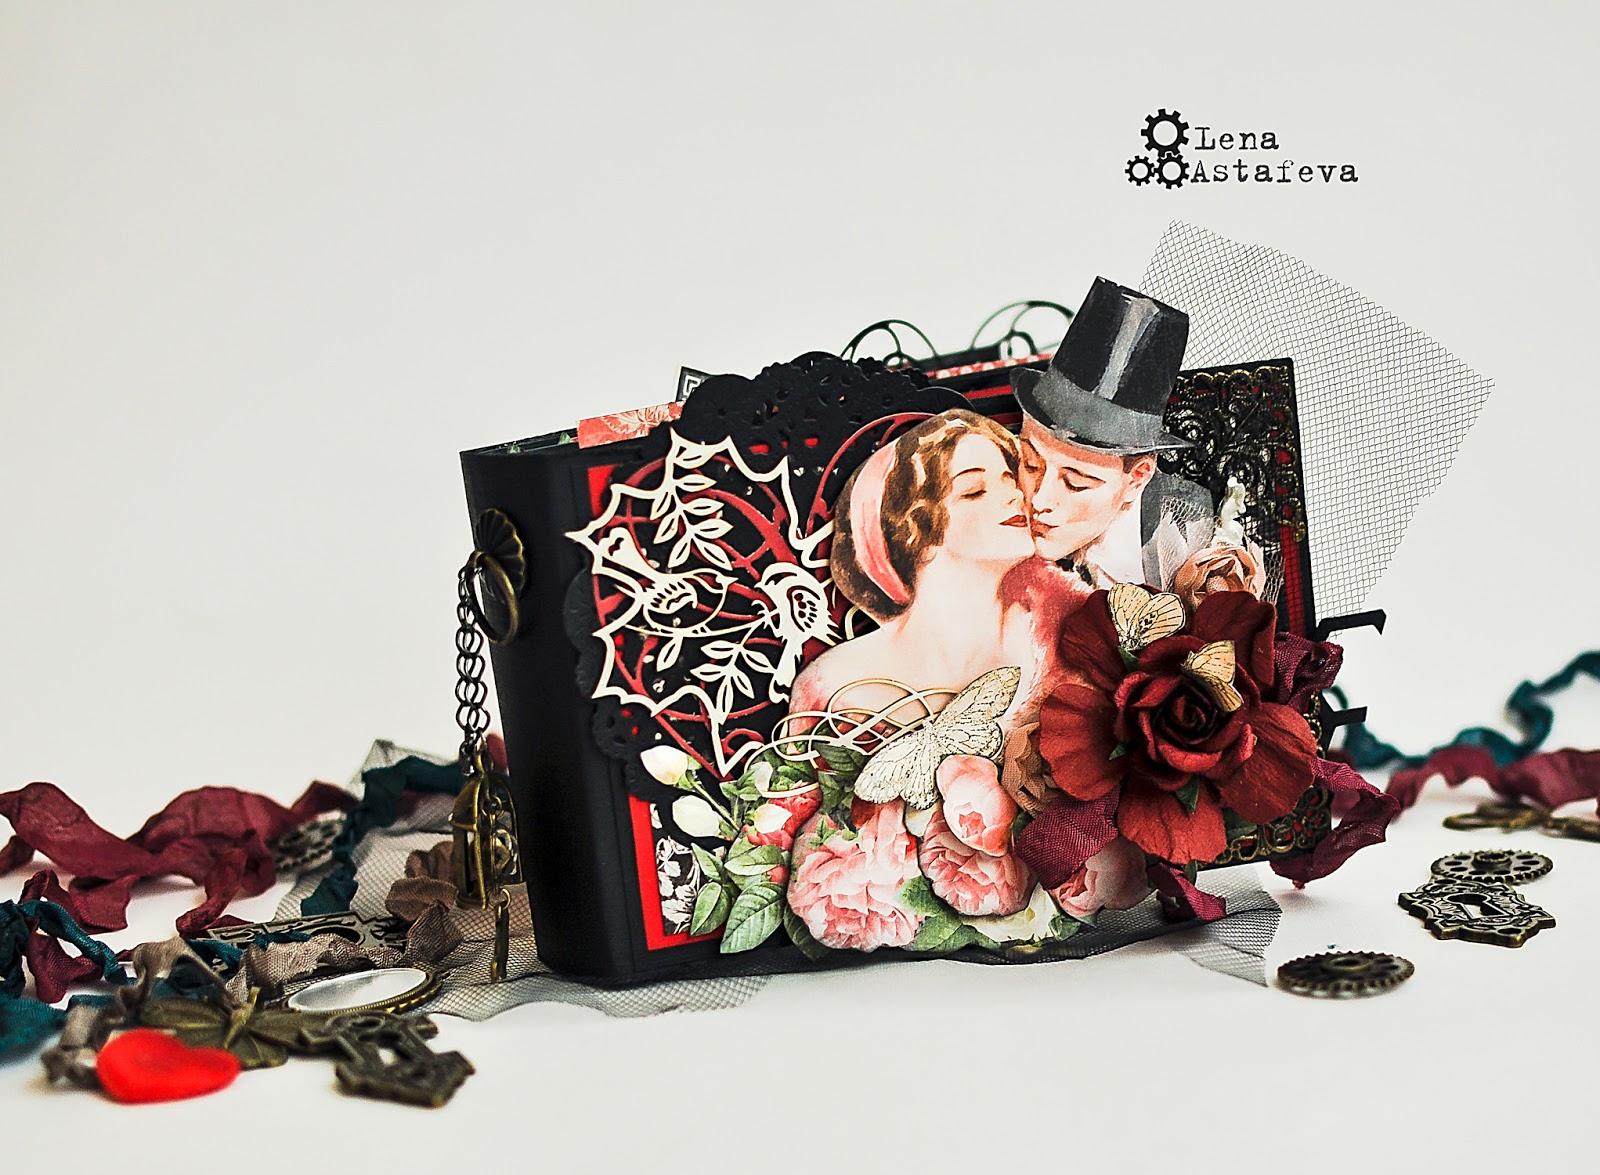 Code promo Mon Album Photo : 25 offerts en Juillet Le Monde Mon album photo promotion